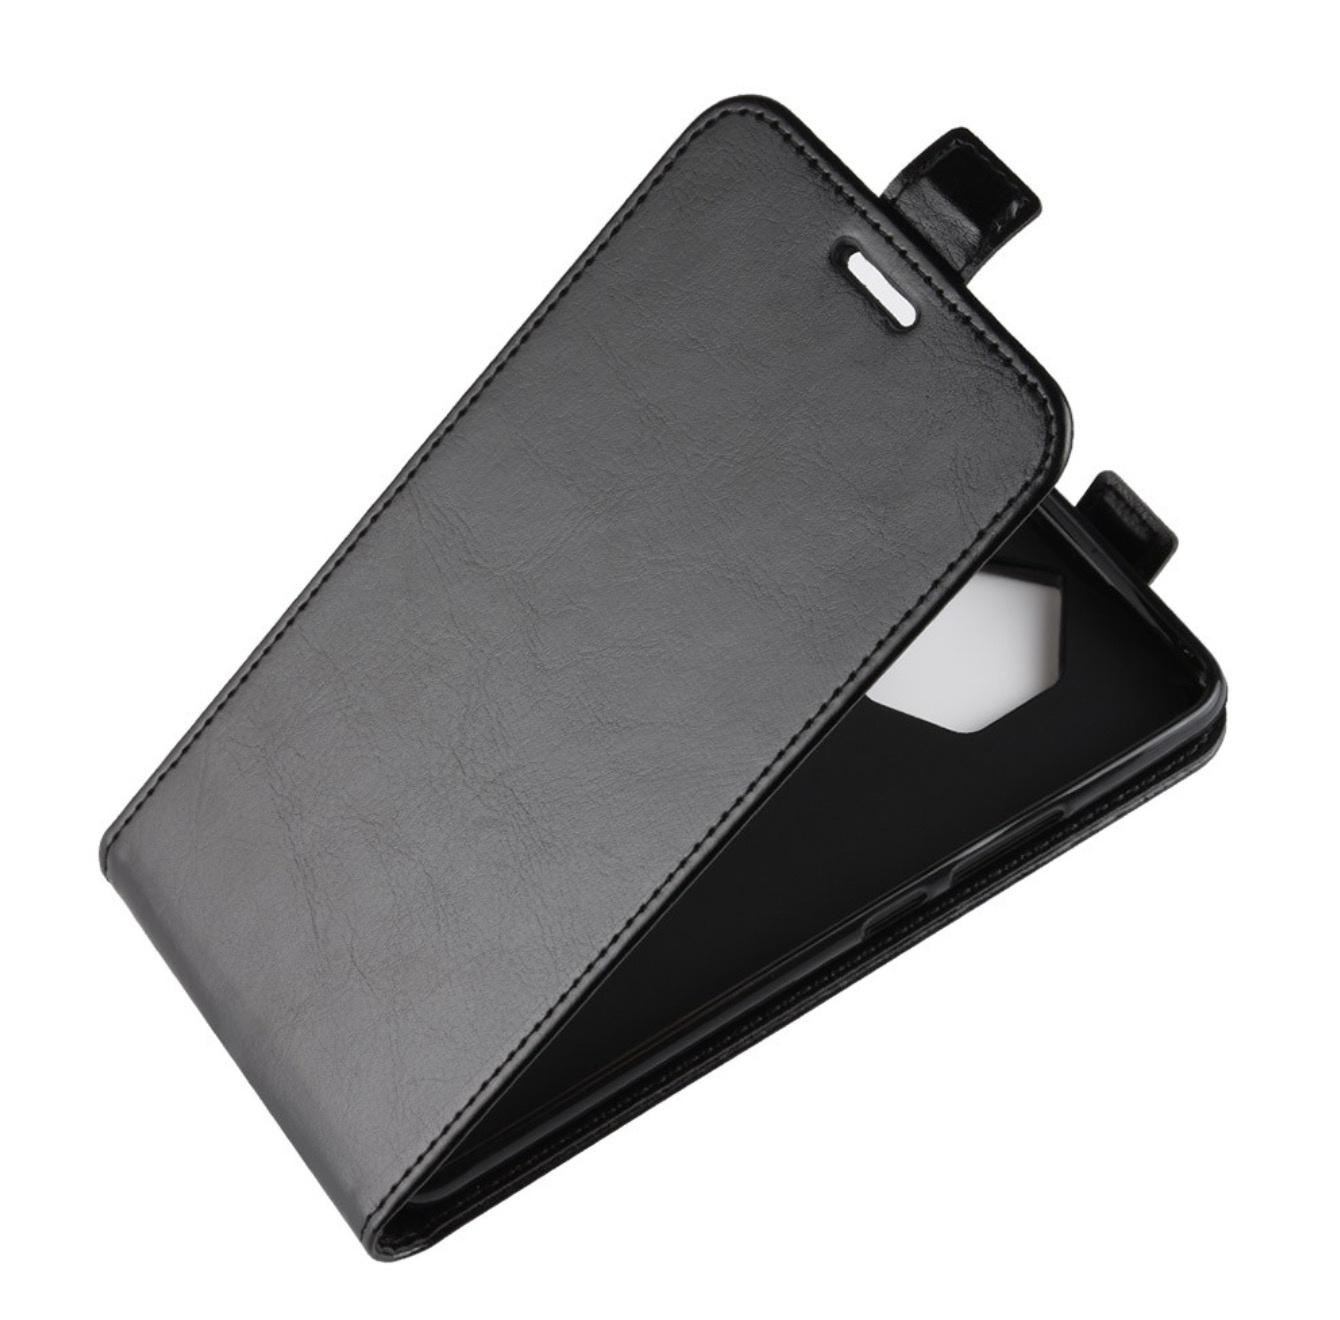 все цены на Чехол-флип MyPads для Microsoft Nokia Lumia 640 5.0 вертикальный откидной черный онлайн